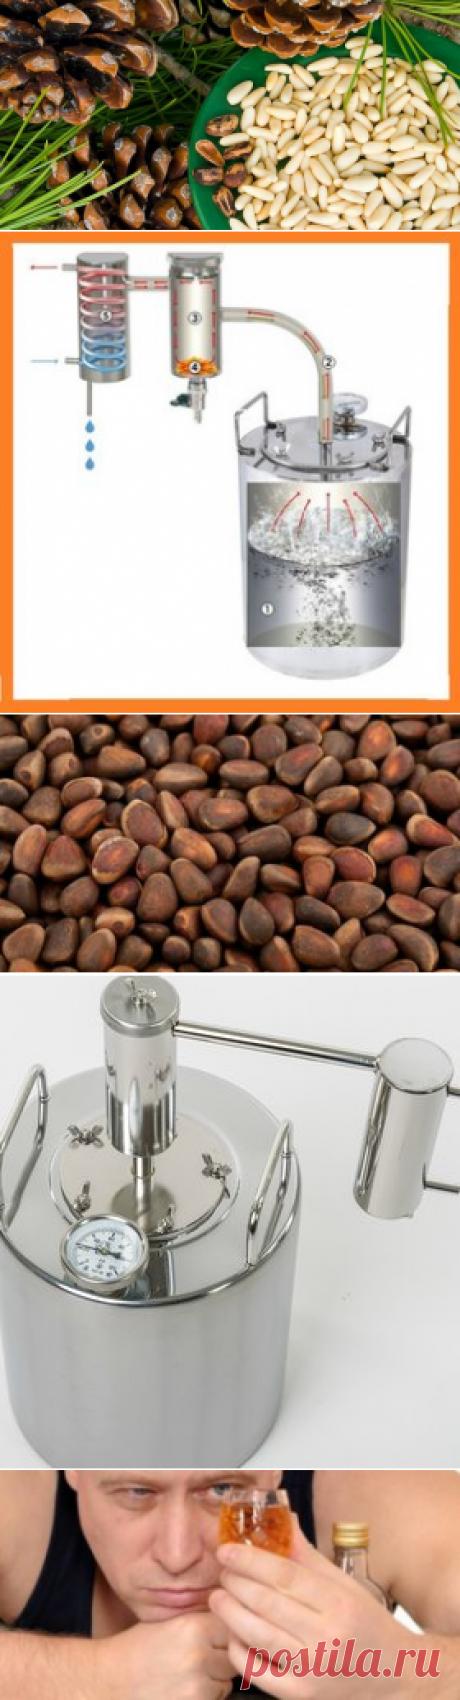 Кедровые орехи и ореховая настойка на водке: польза и вред